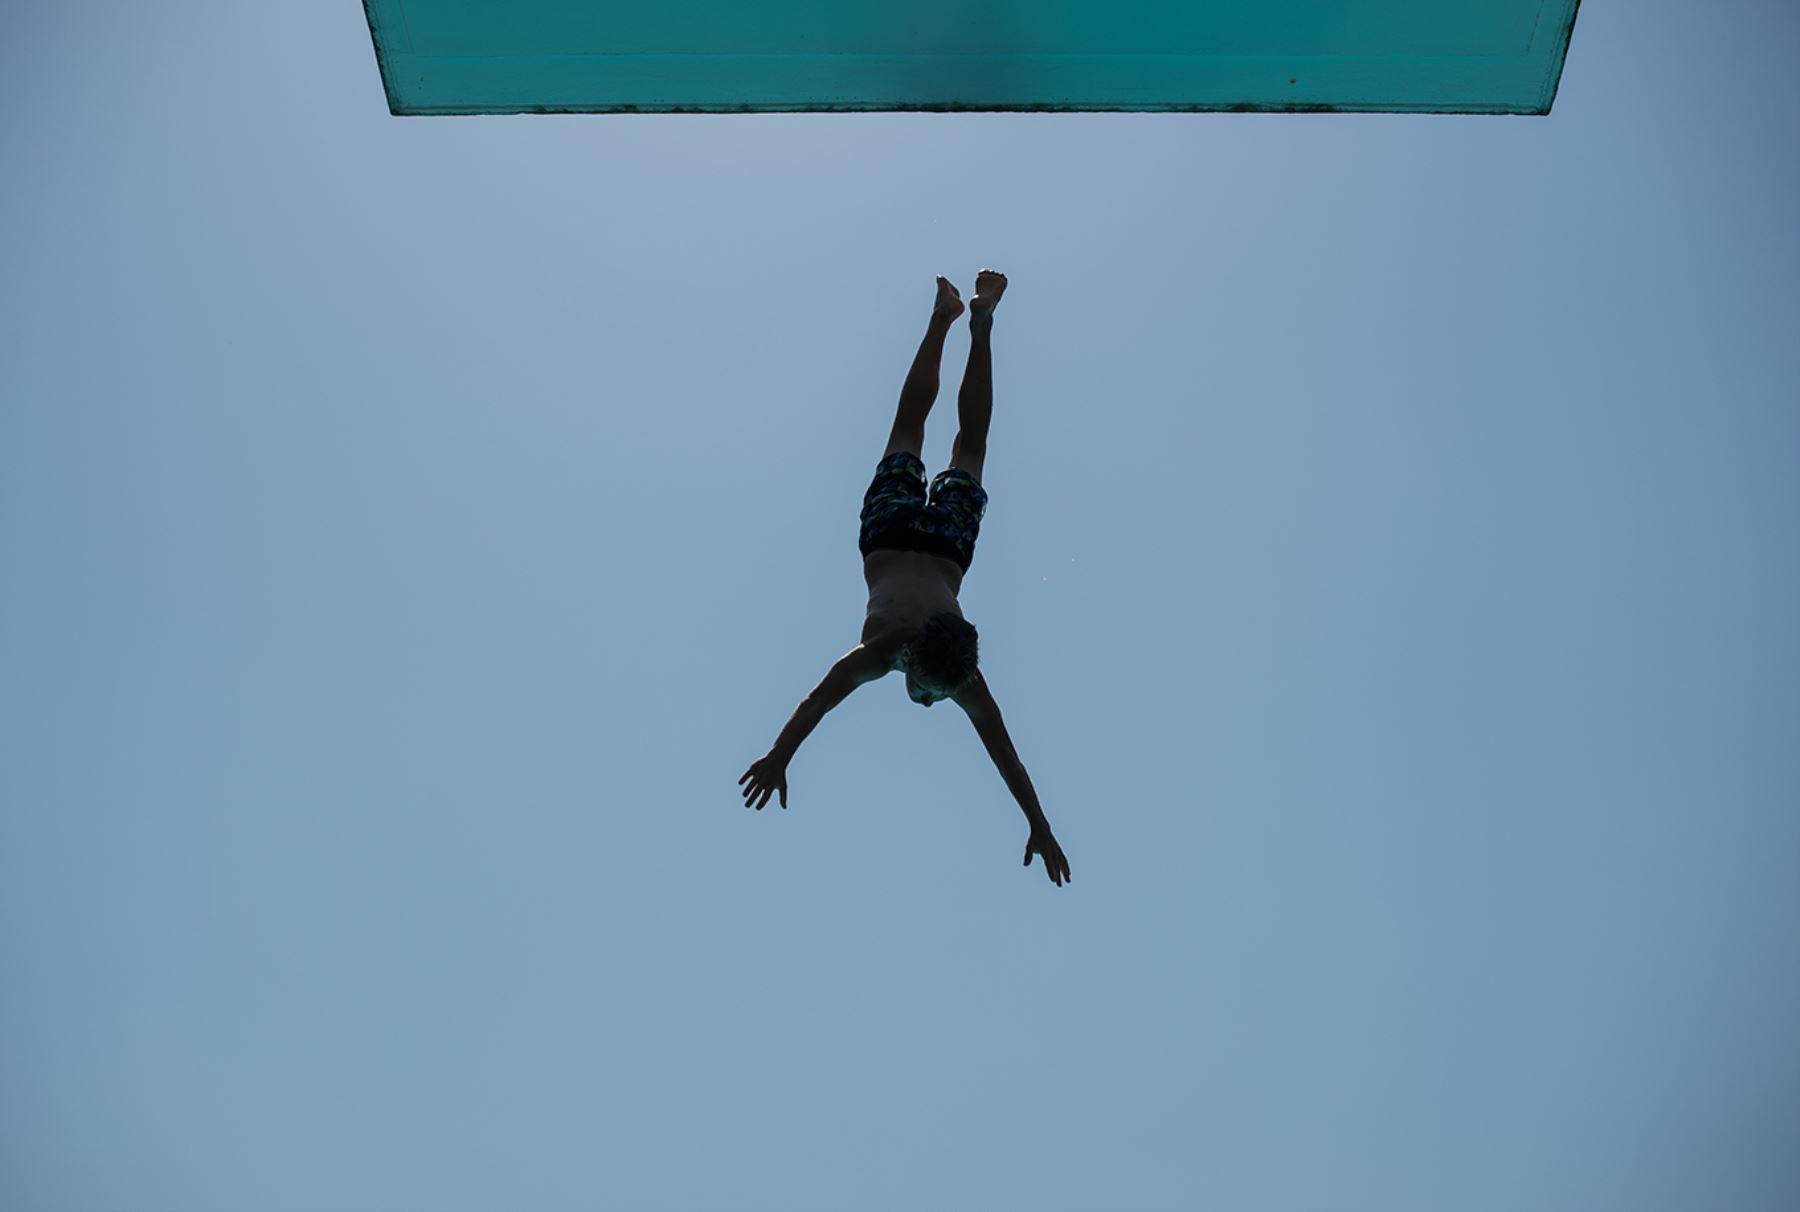 Un niño salta de una plataforma de buceo en Colonia, oeste de Alemania. Los meteorólogos pronostican temperaturas alrededor de 30 grados para Alemania. AFP PHOTO / DPA / MAJA HITIJ GERMANY OUT